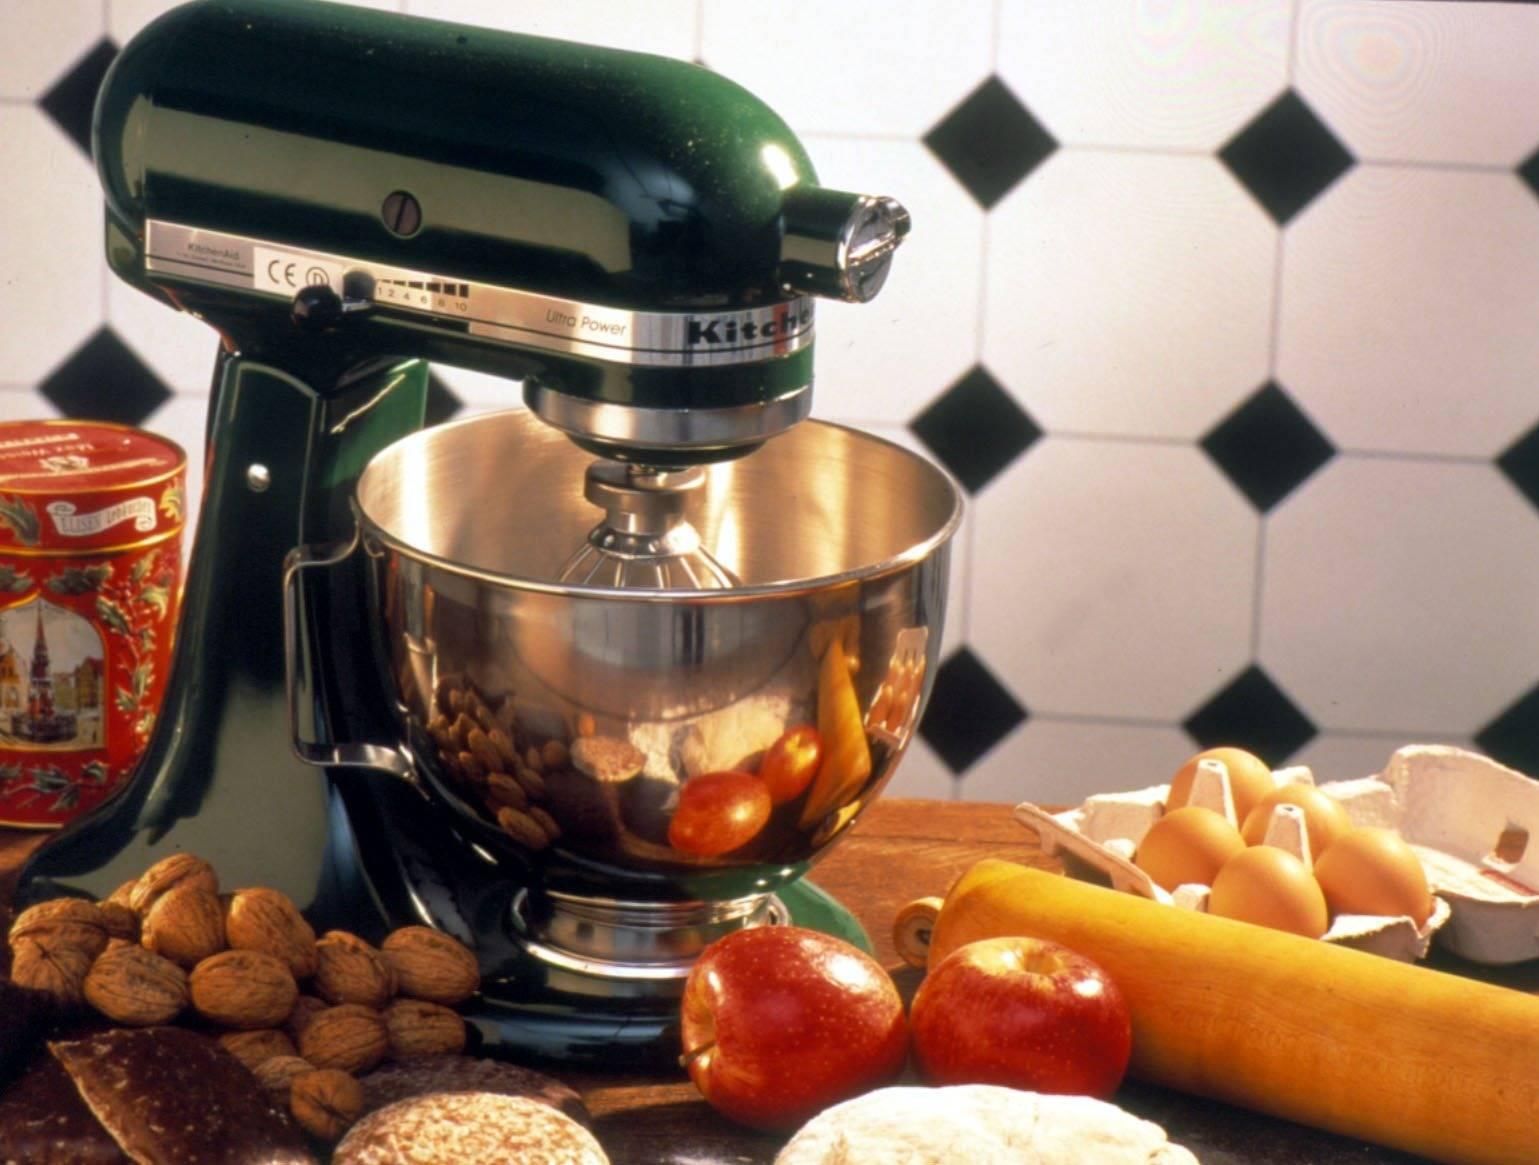 Stiftung Warentest Kuchenmaschinen Sind Keine Alleskonner Rhein